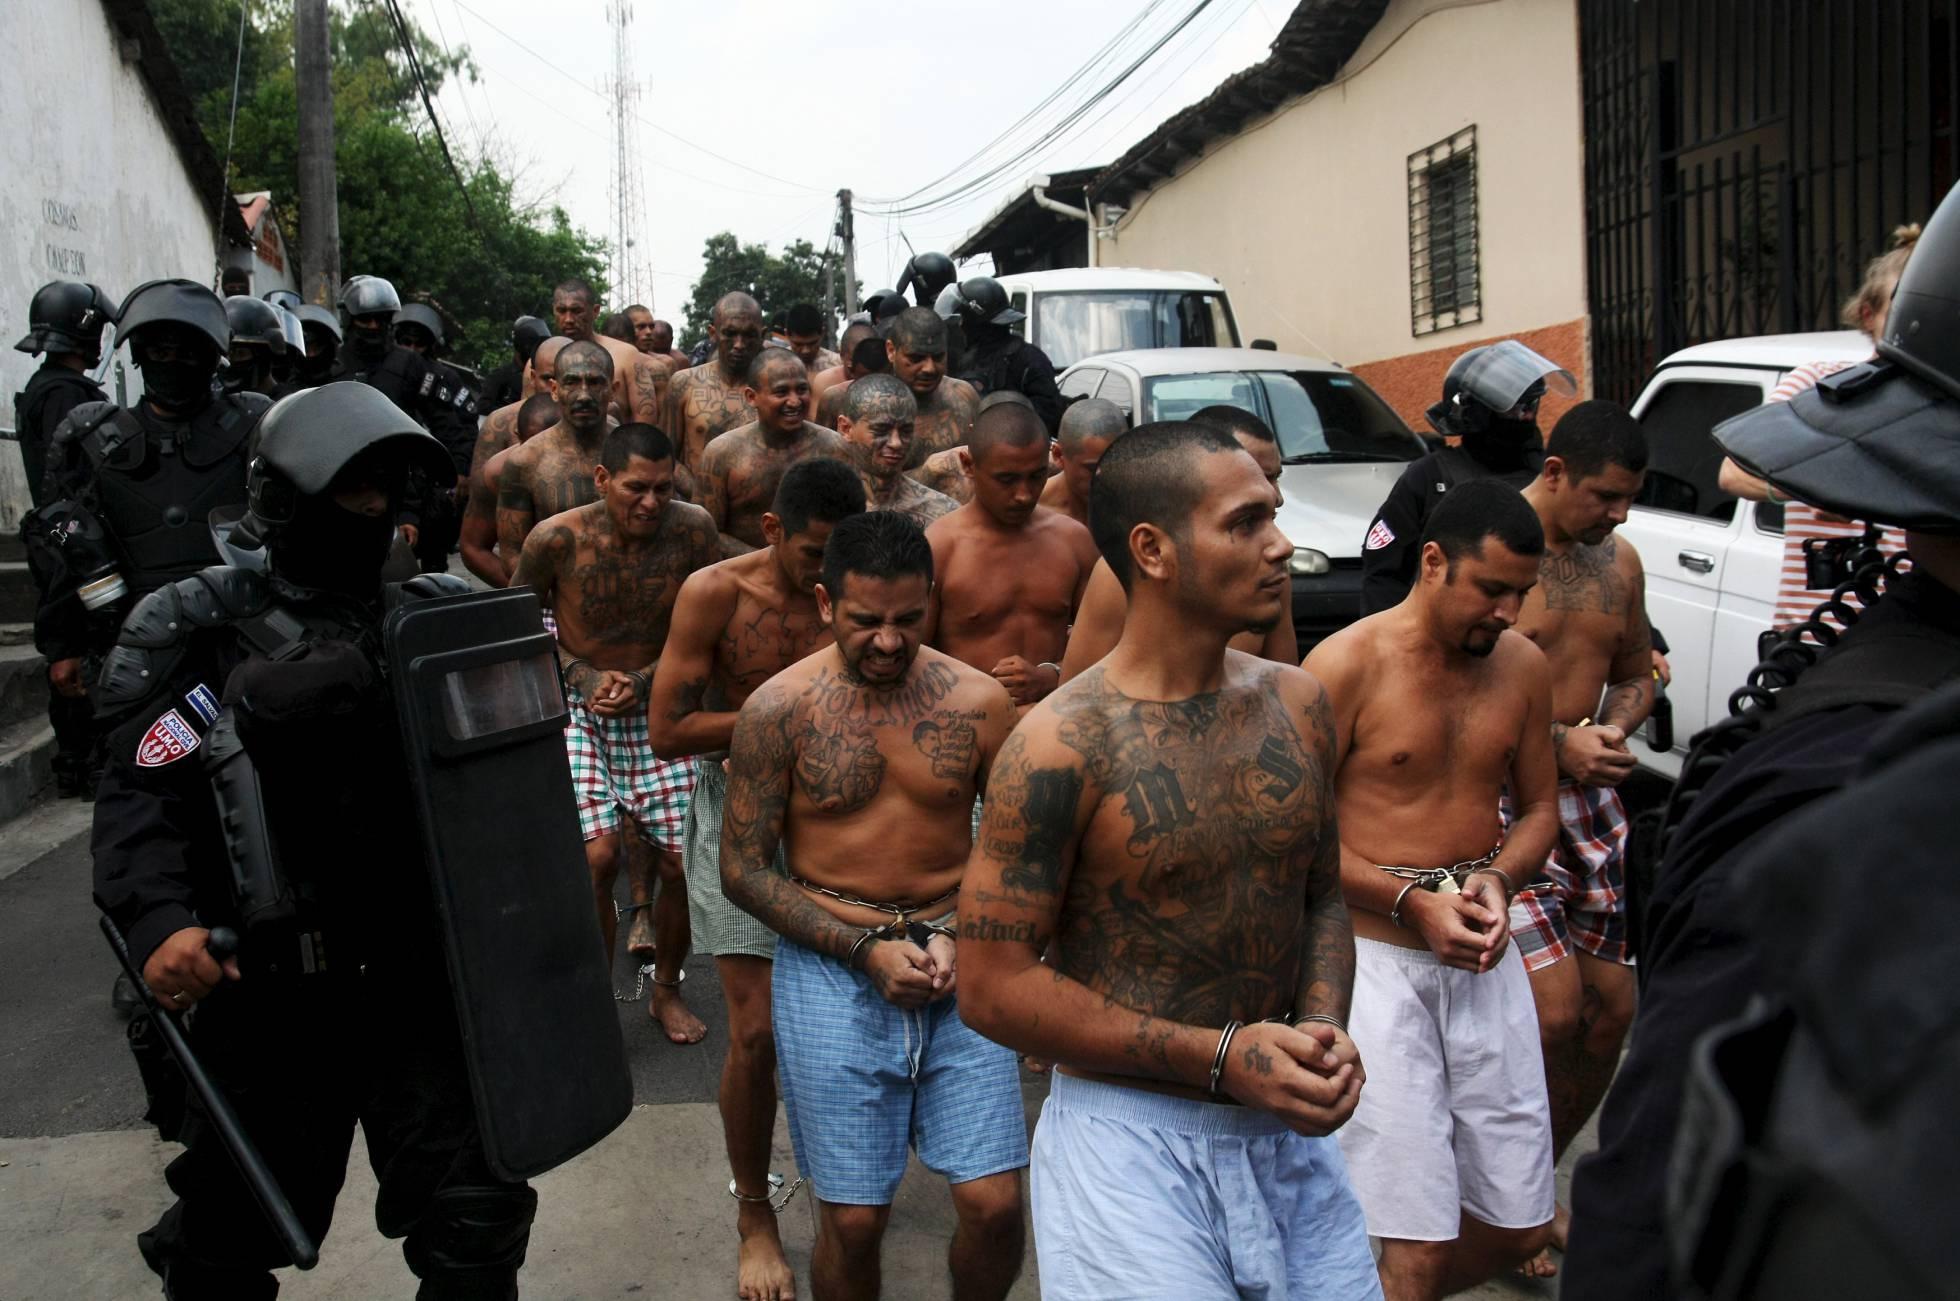 Miembros de la Mara Salvatrucha a su llegada a la prisión de Quezaltepeque. Jose Cabezas REUTERS